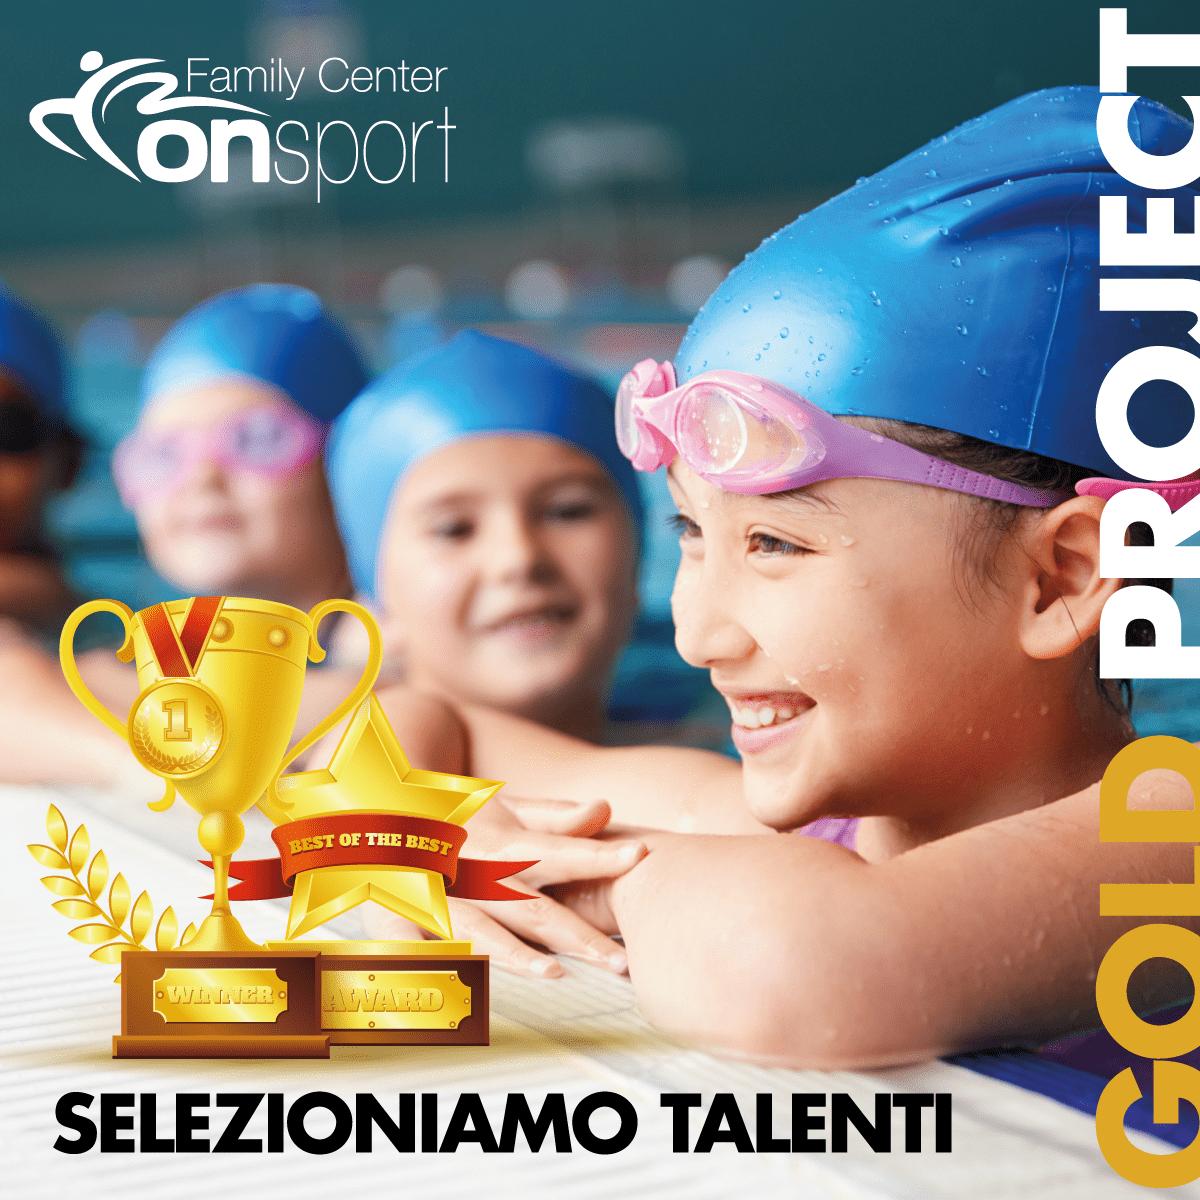 Gold Project - Selezioniamo talenti